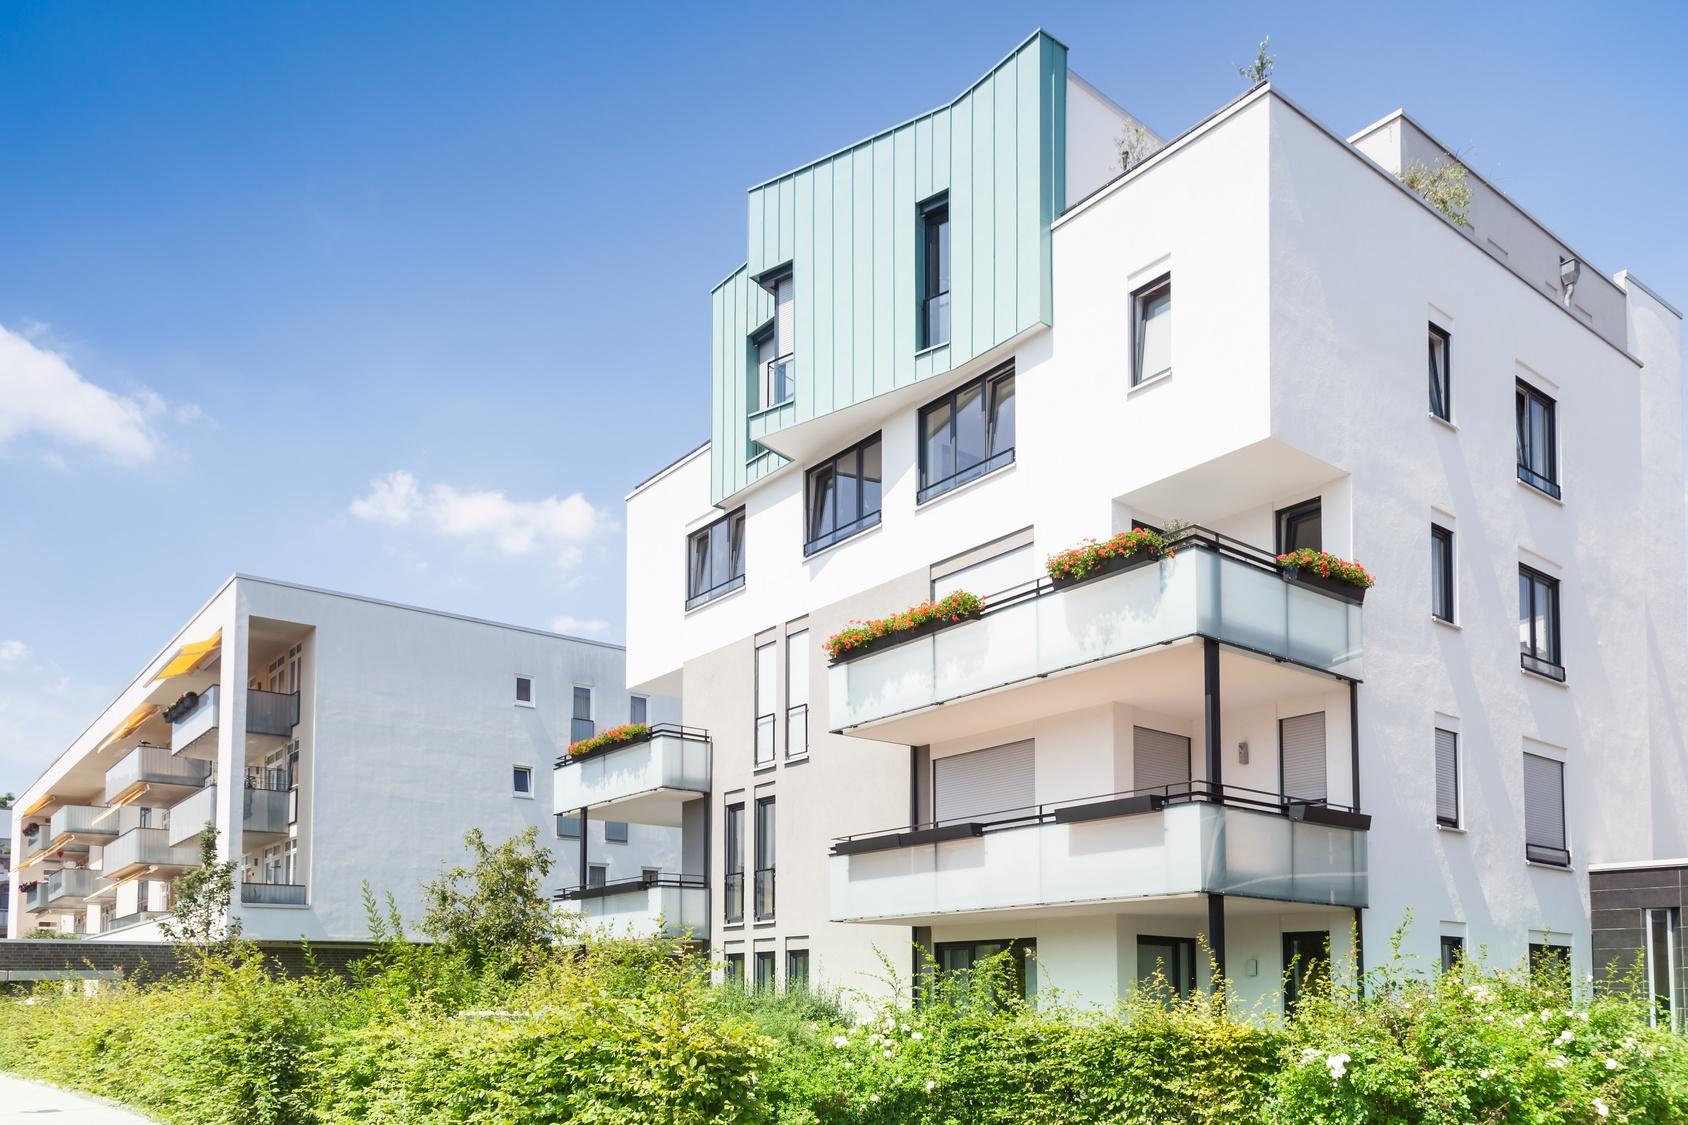 Immobilien kaufen und vermieten wohnen auf zeit in for Eigentumswohnung mieten